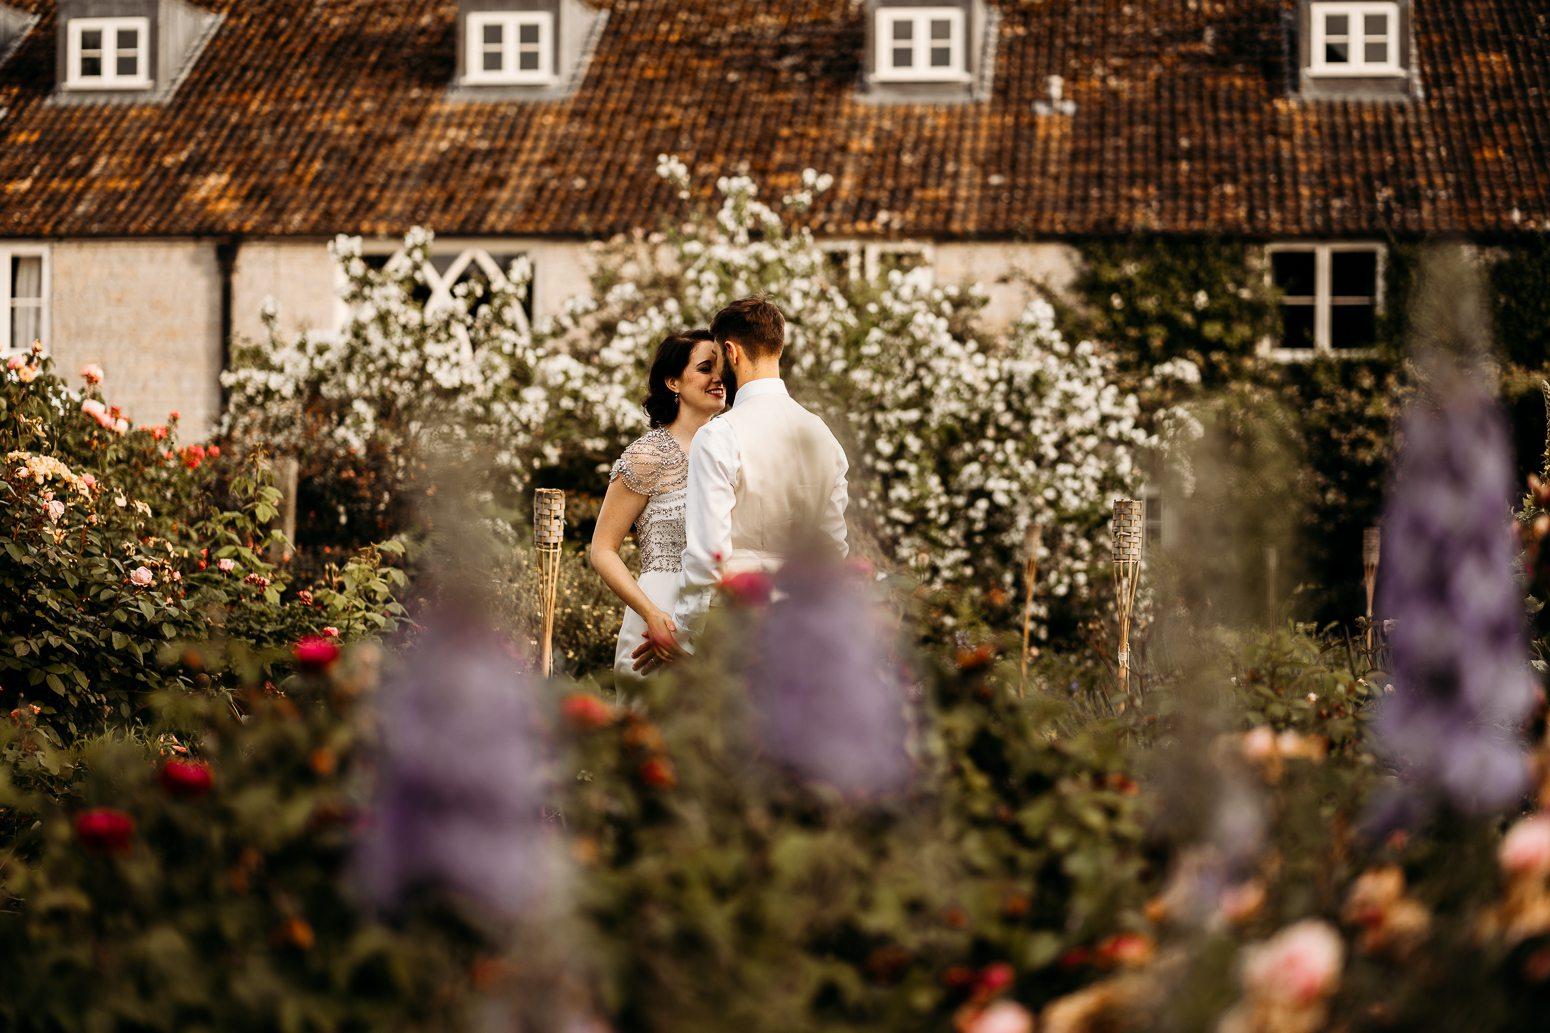 bride and groom in overgrown floral garden